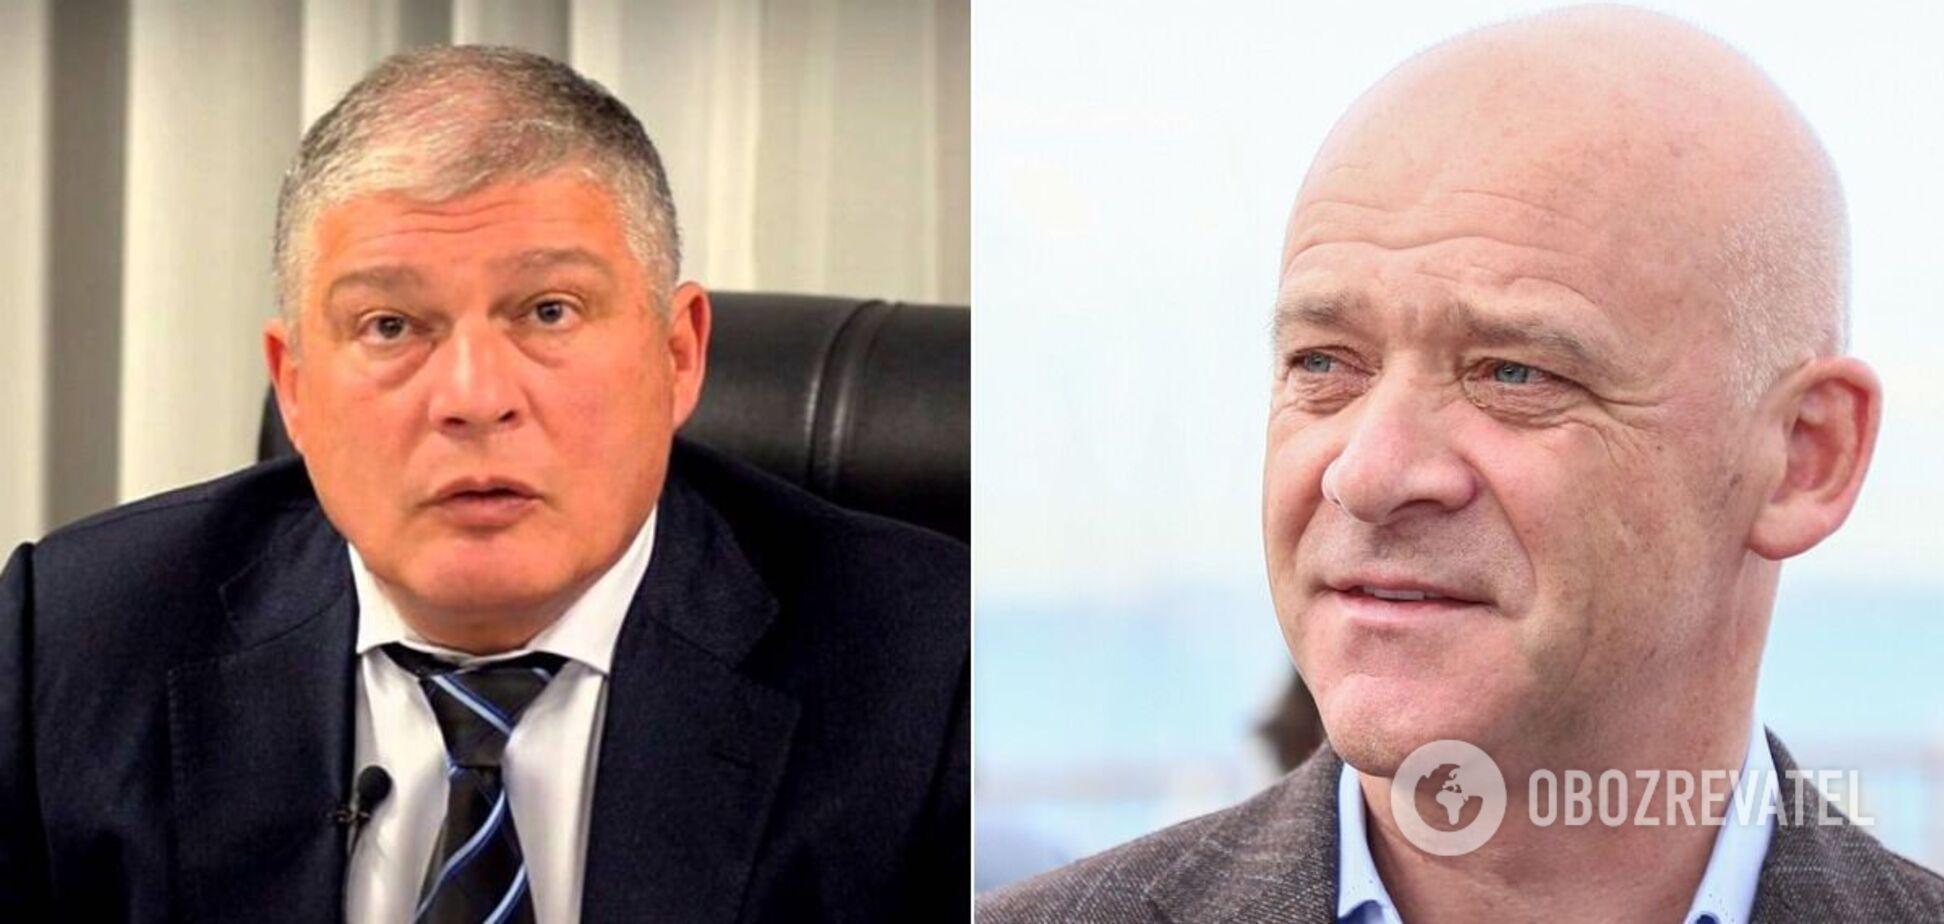 Выпущен видеоролик о дебатах Червоненко и Труханова